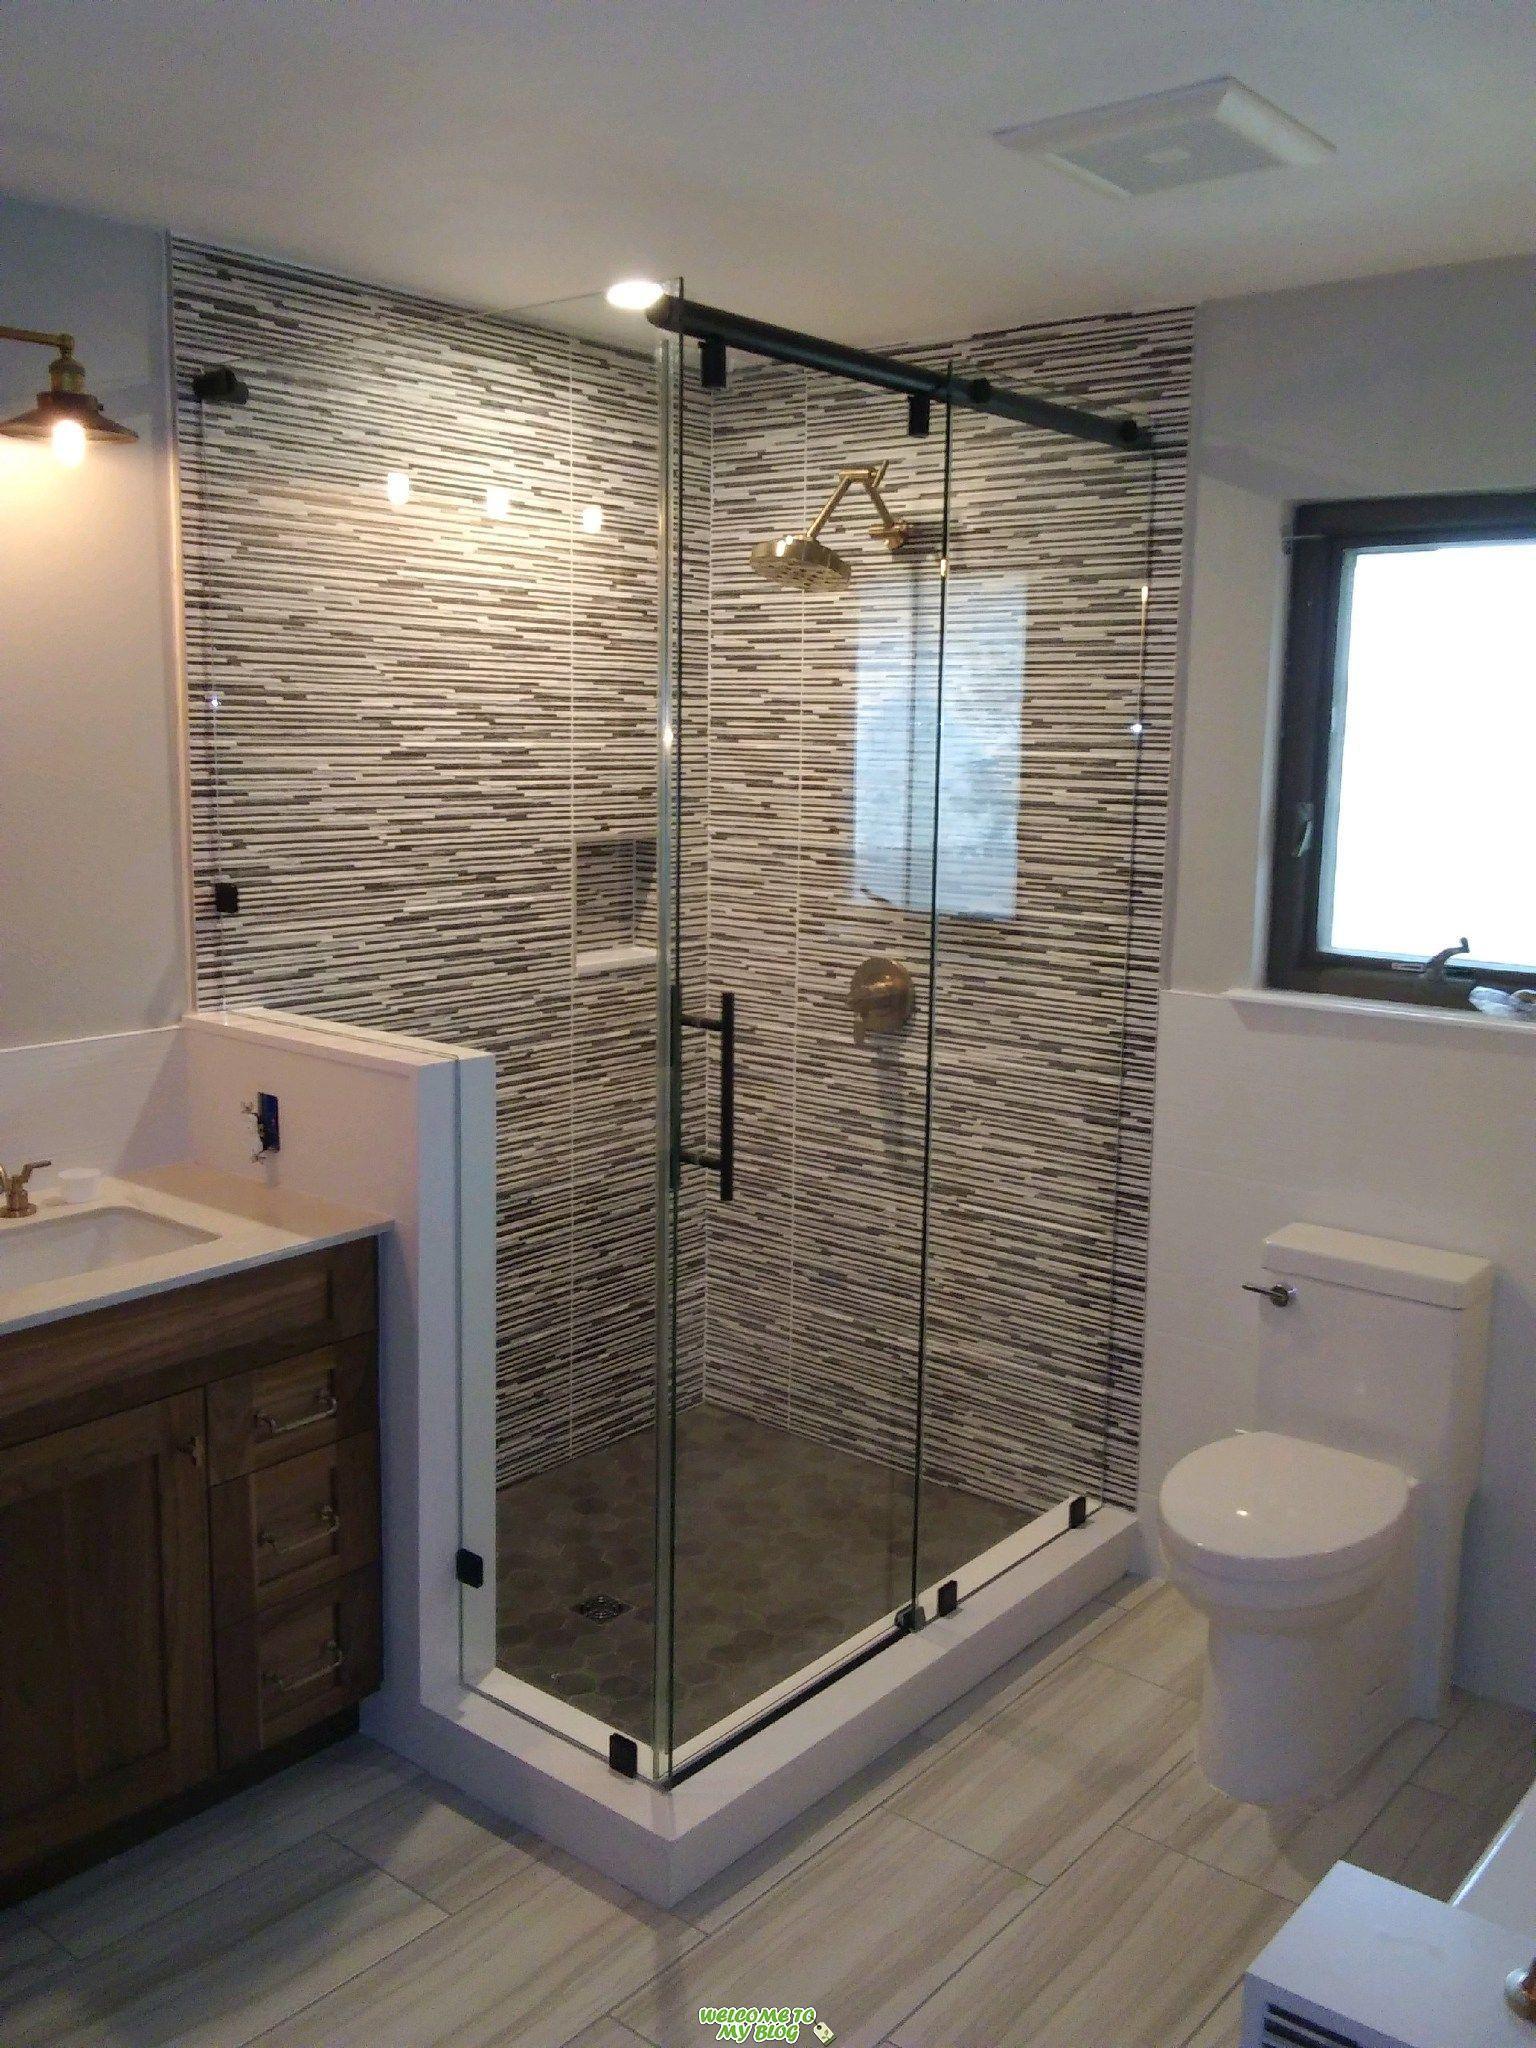 Diapositiva Hidraulica De 3 8 Quot Con Baja De Hierro Showerguard Vidrio Cuadrado Aceite De In 2020 Modern Bathroom Design Bathroom Interior Design Shower Remodel